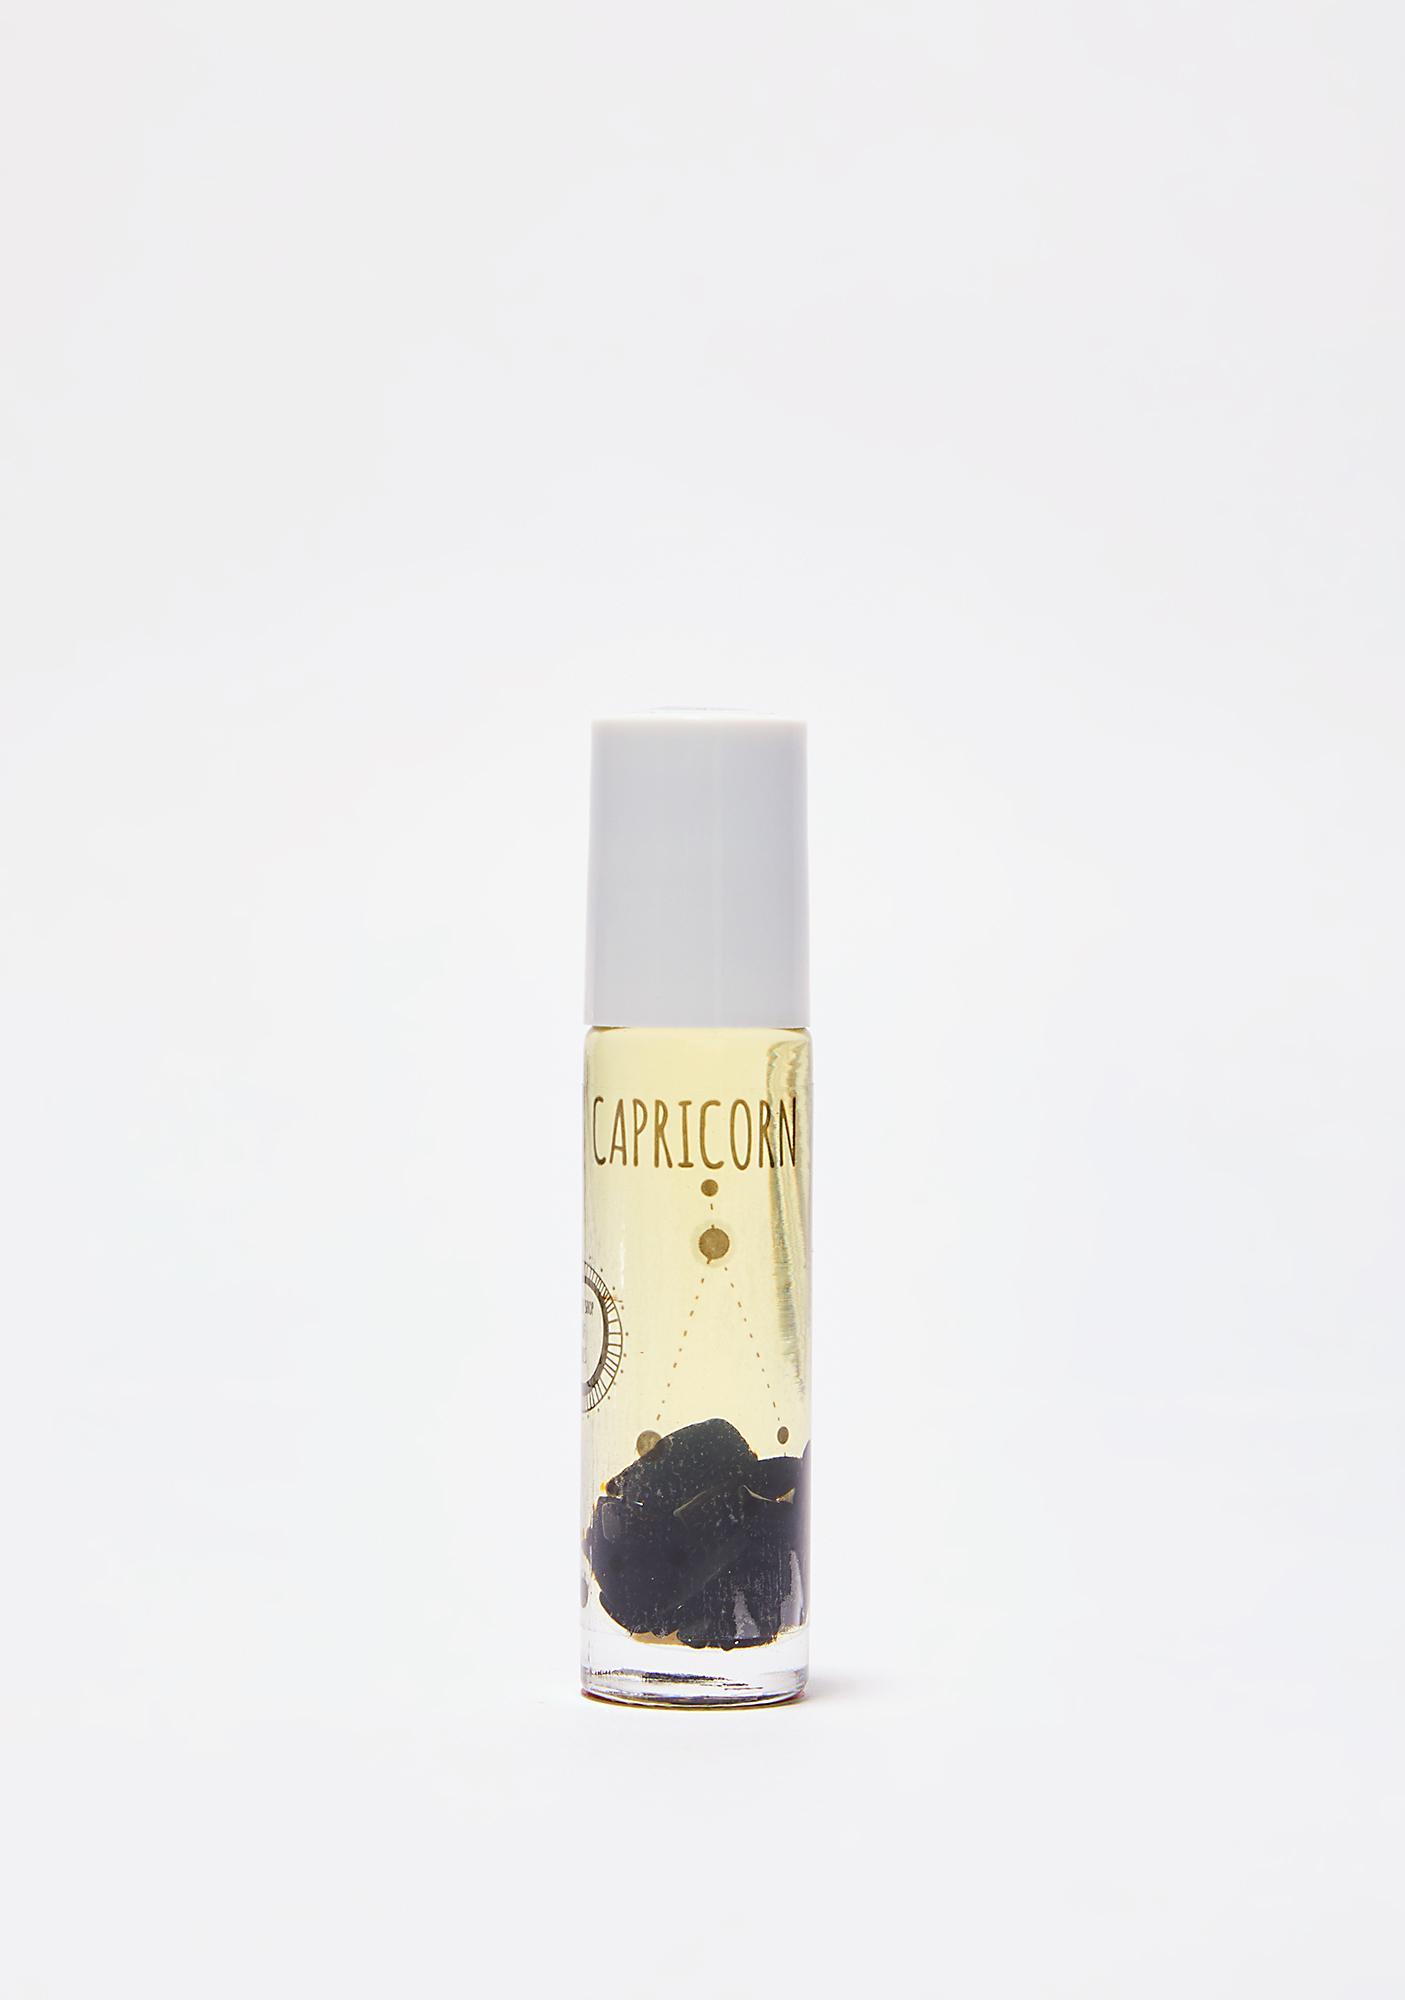 Little Shop of Oils Capricorn Oil Perfume Roller